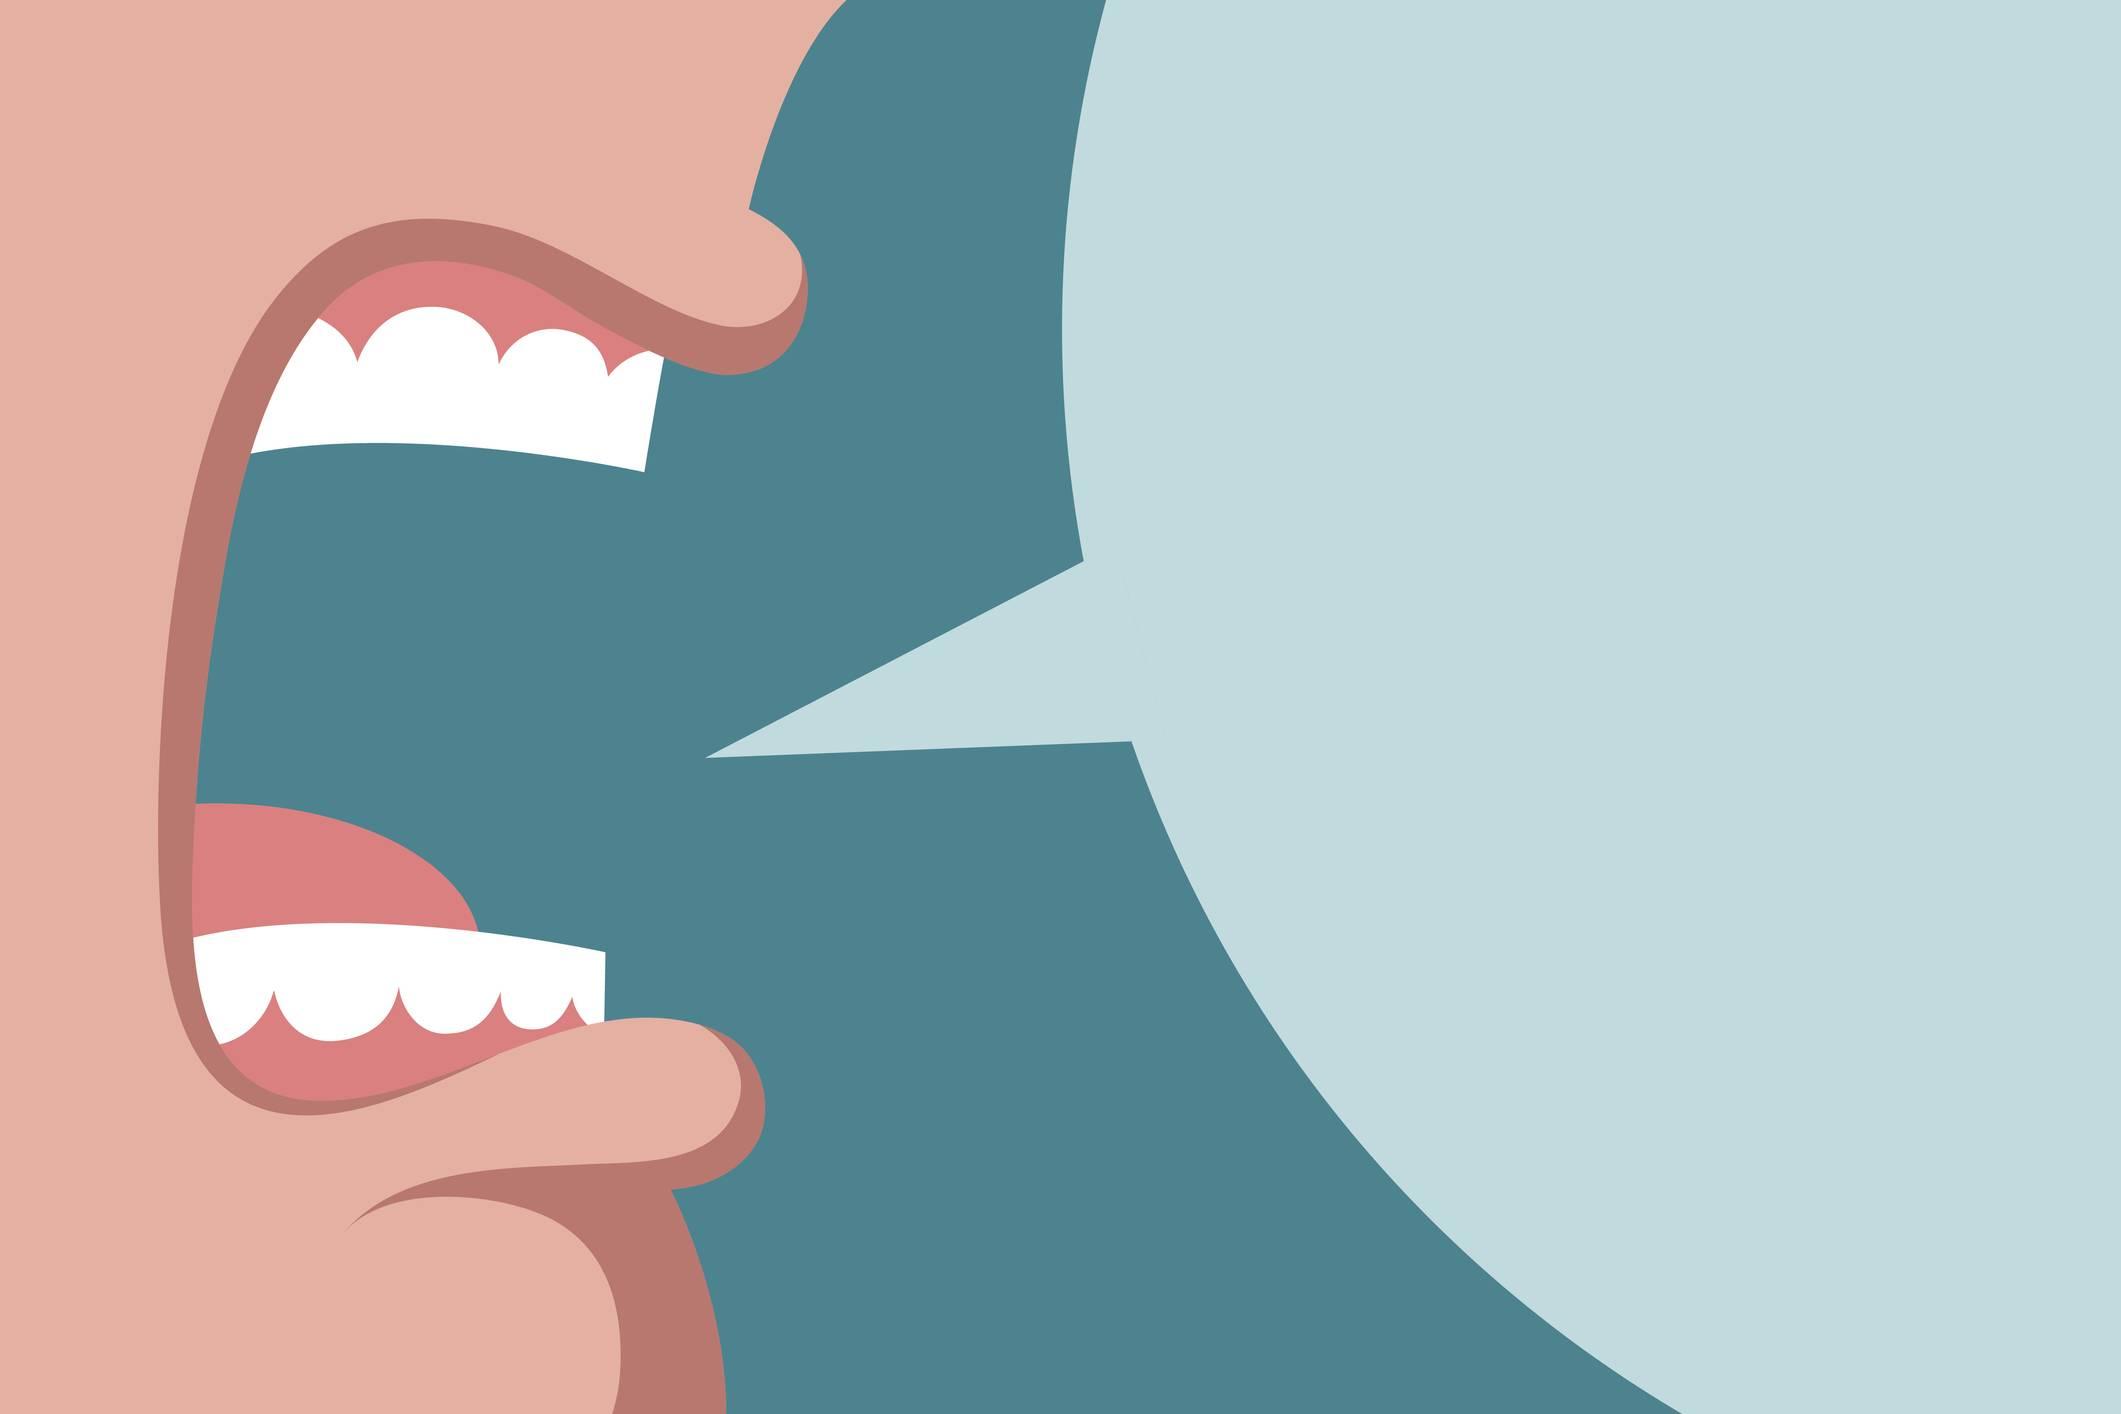 www.juicysantos.com.br - morador do condomínio xingou funcionária e agora? - ilustração de boca xingando